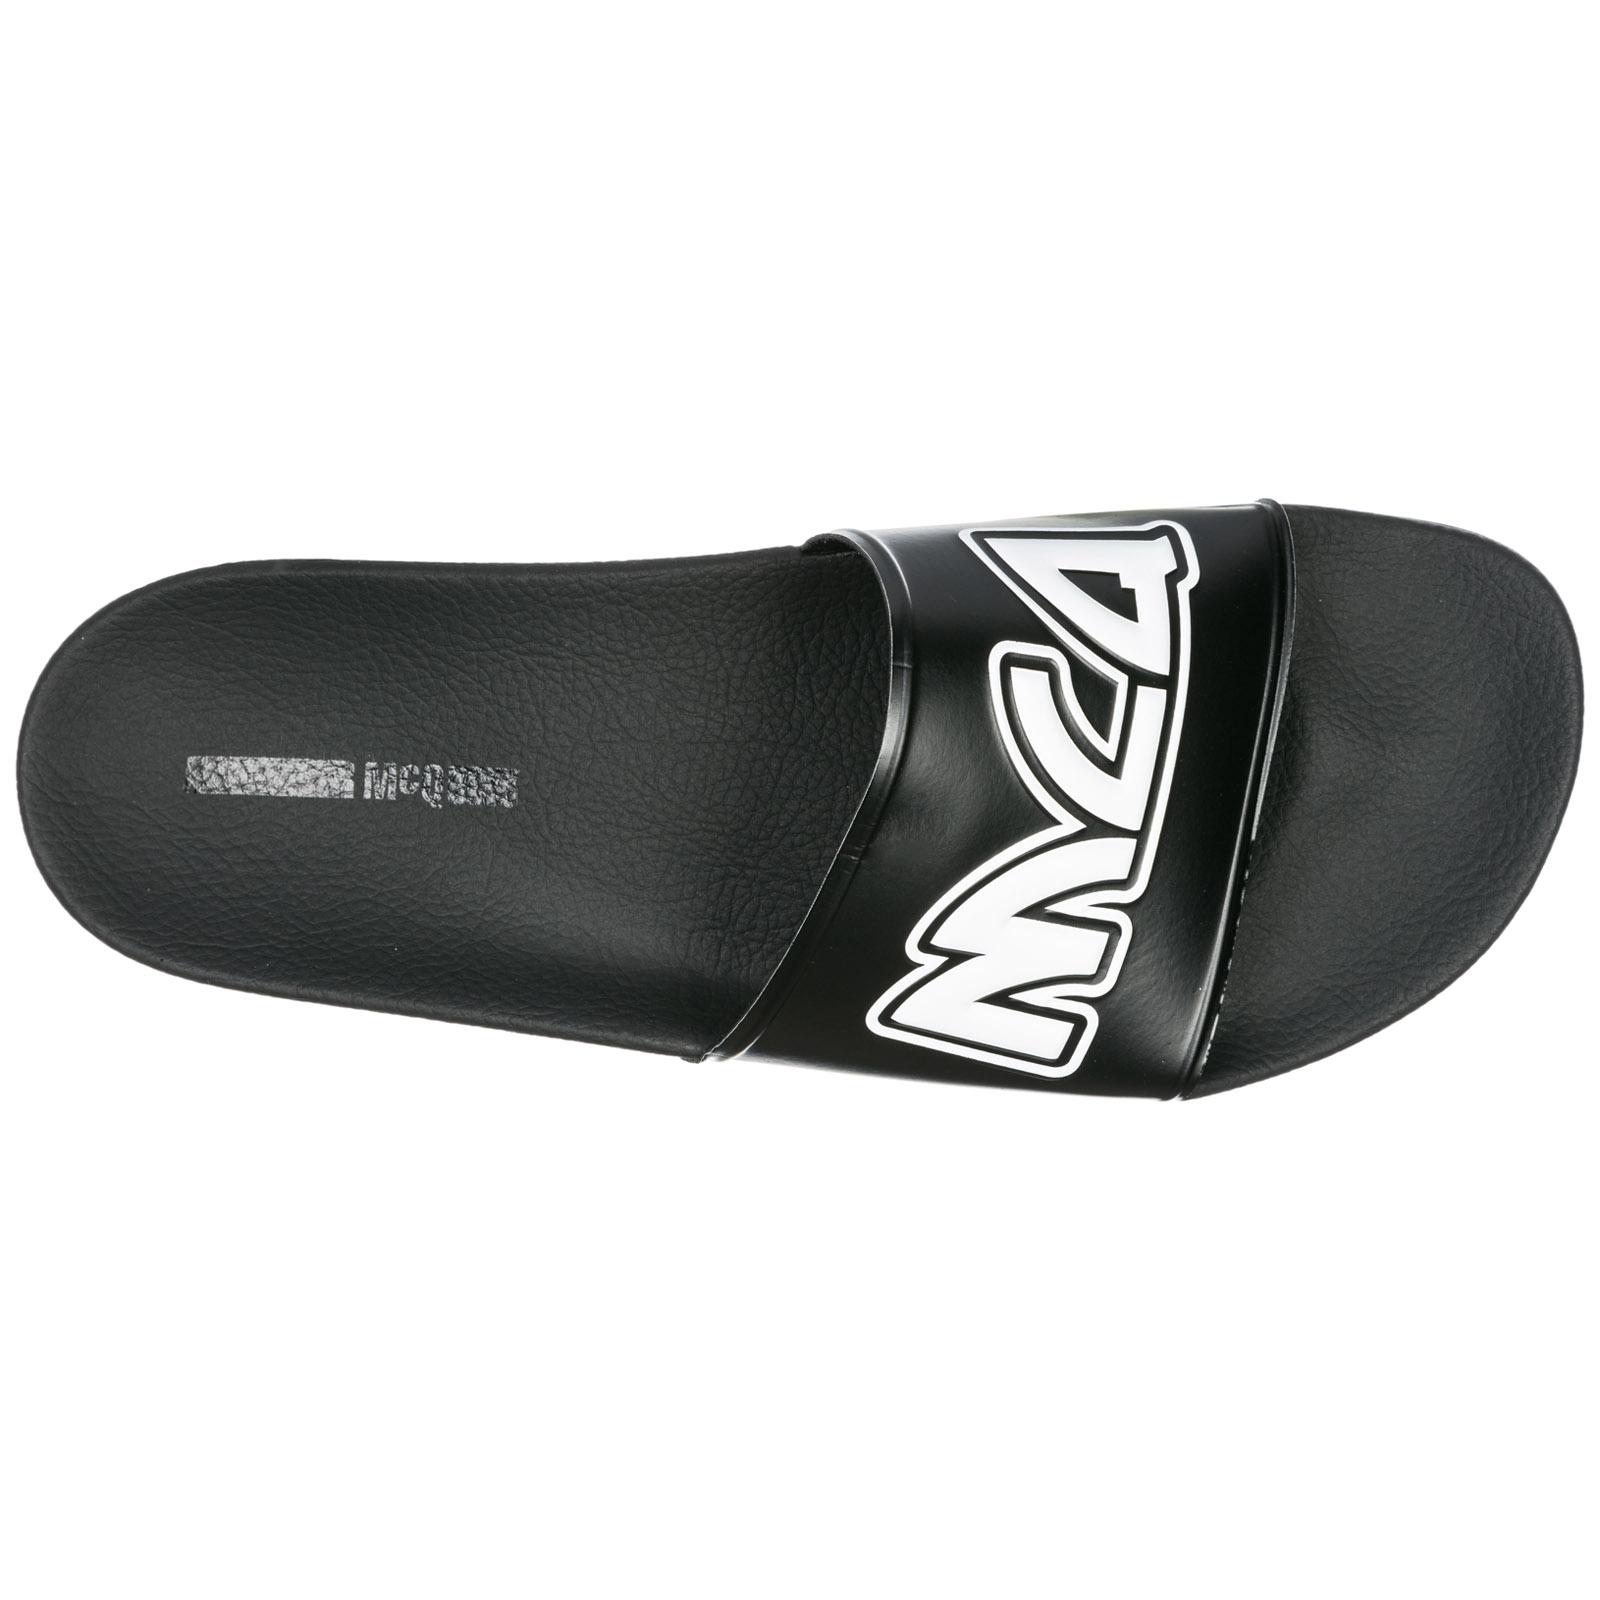 Men's slippers sandals rubber  metal